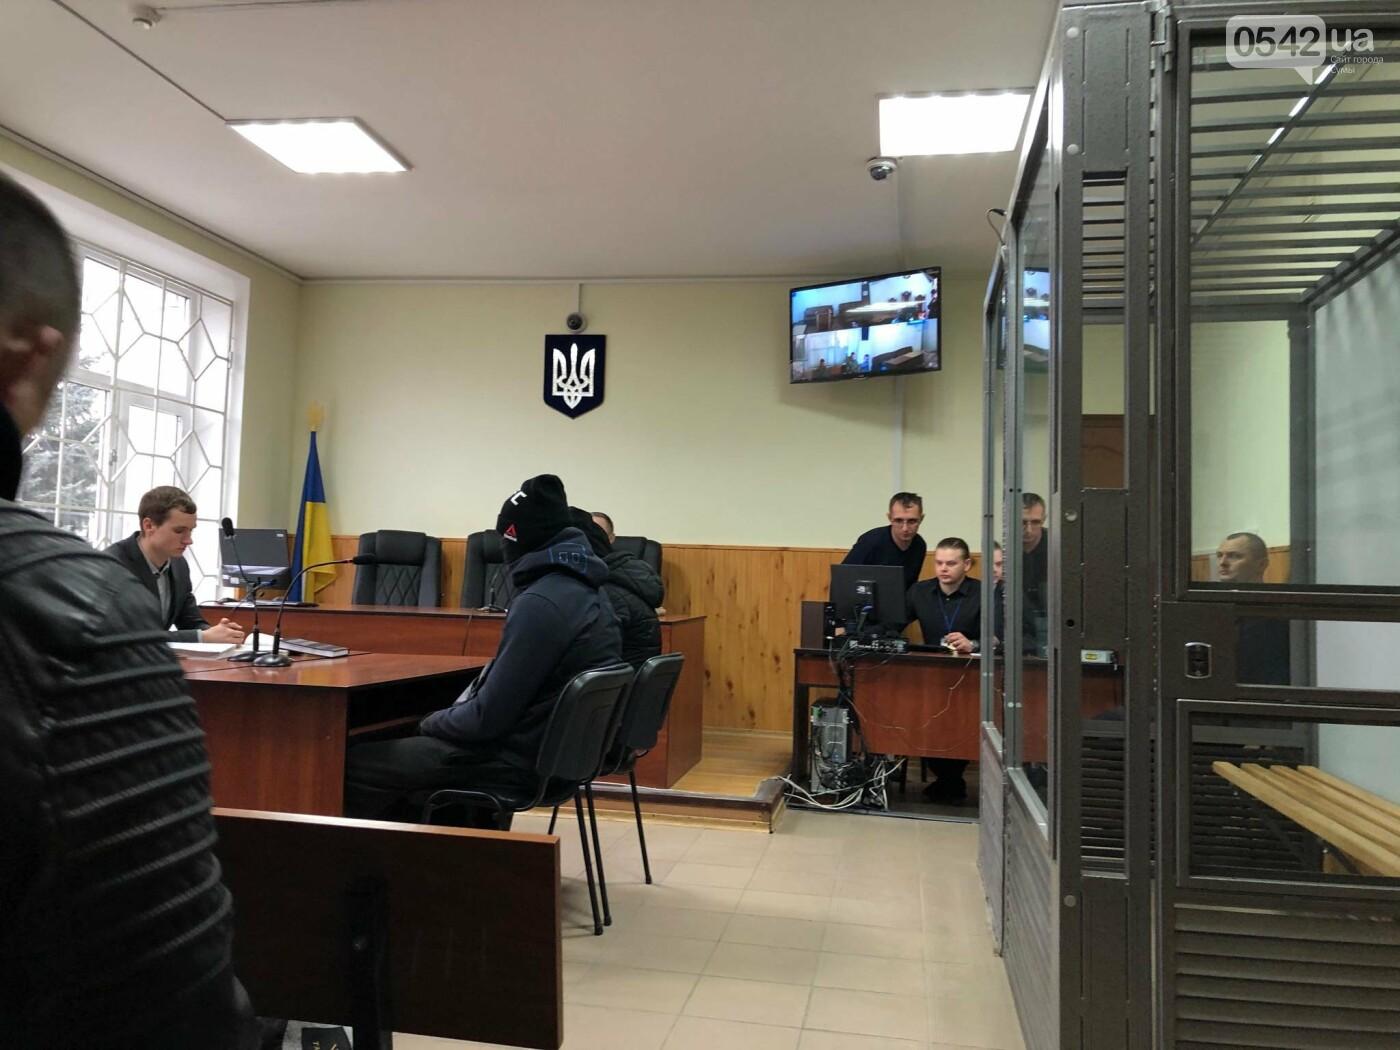 У справі 16-річного ґвалтівника у Сумах заслухали свідка, фото-1